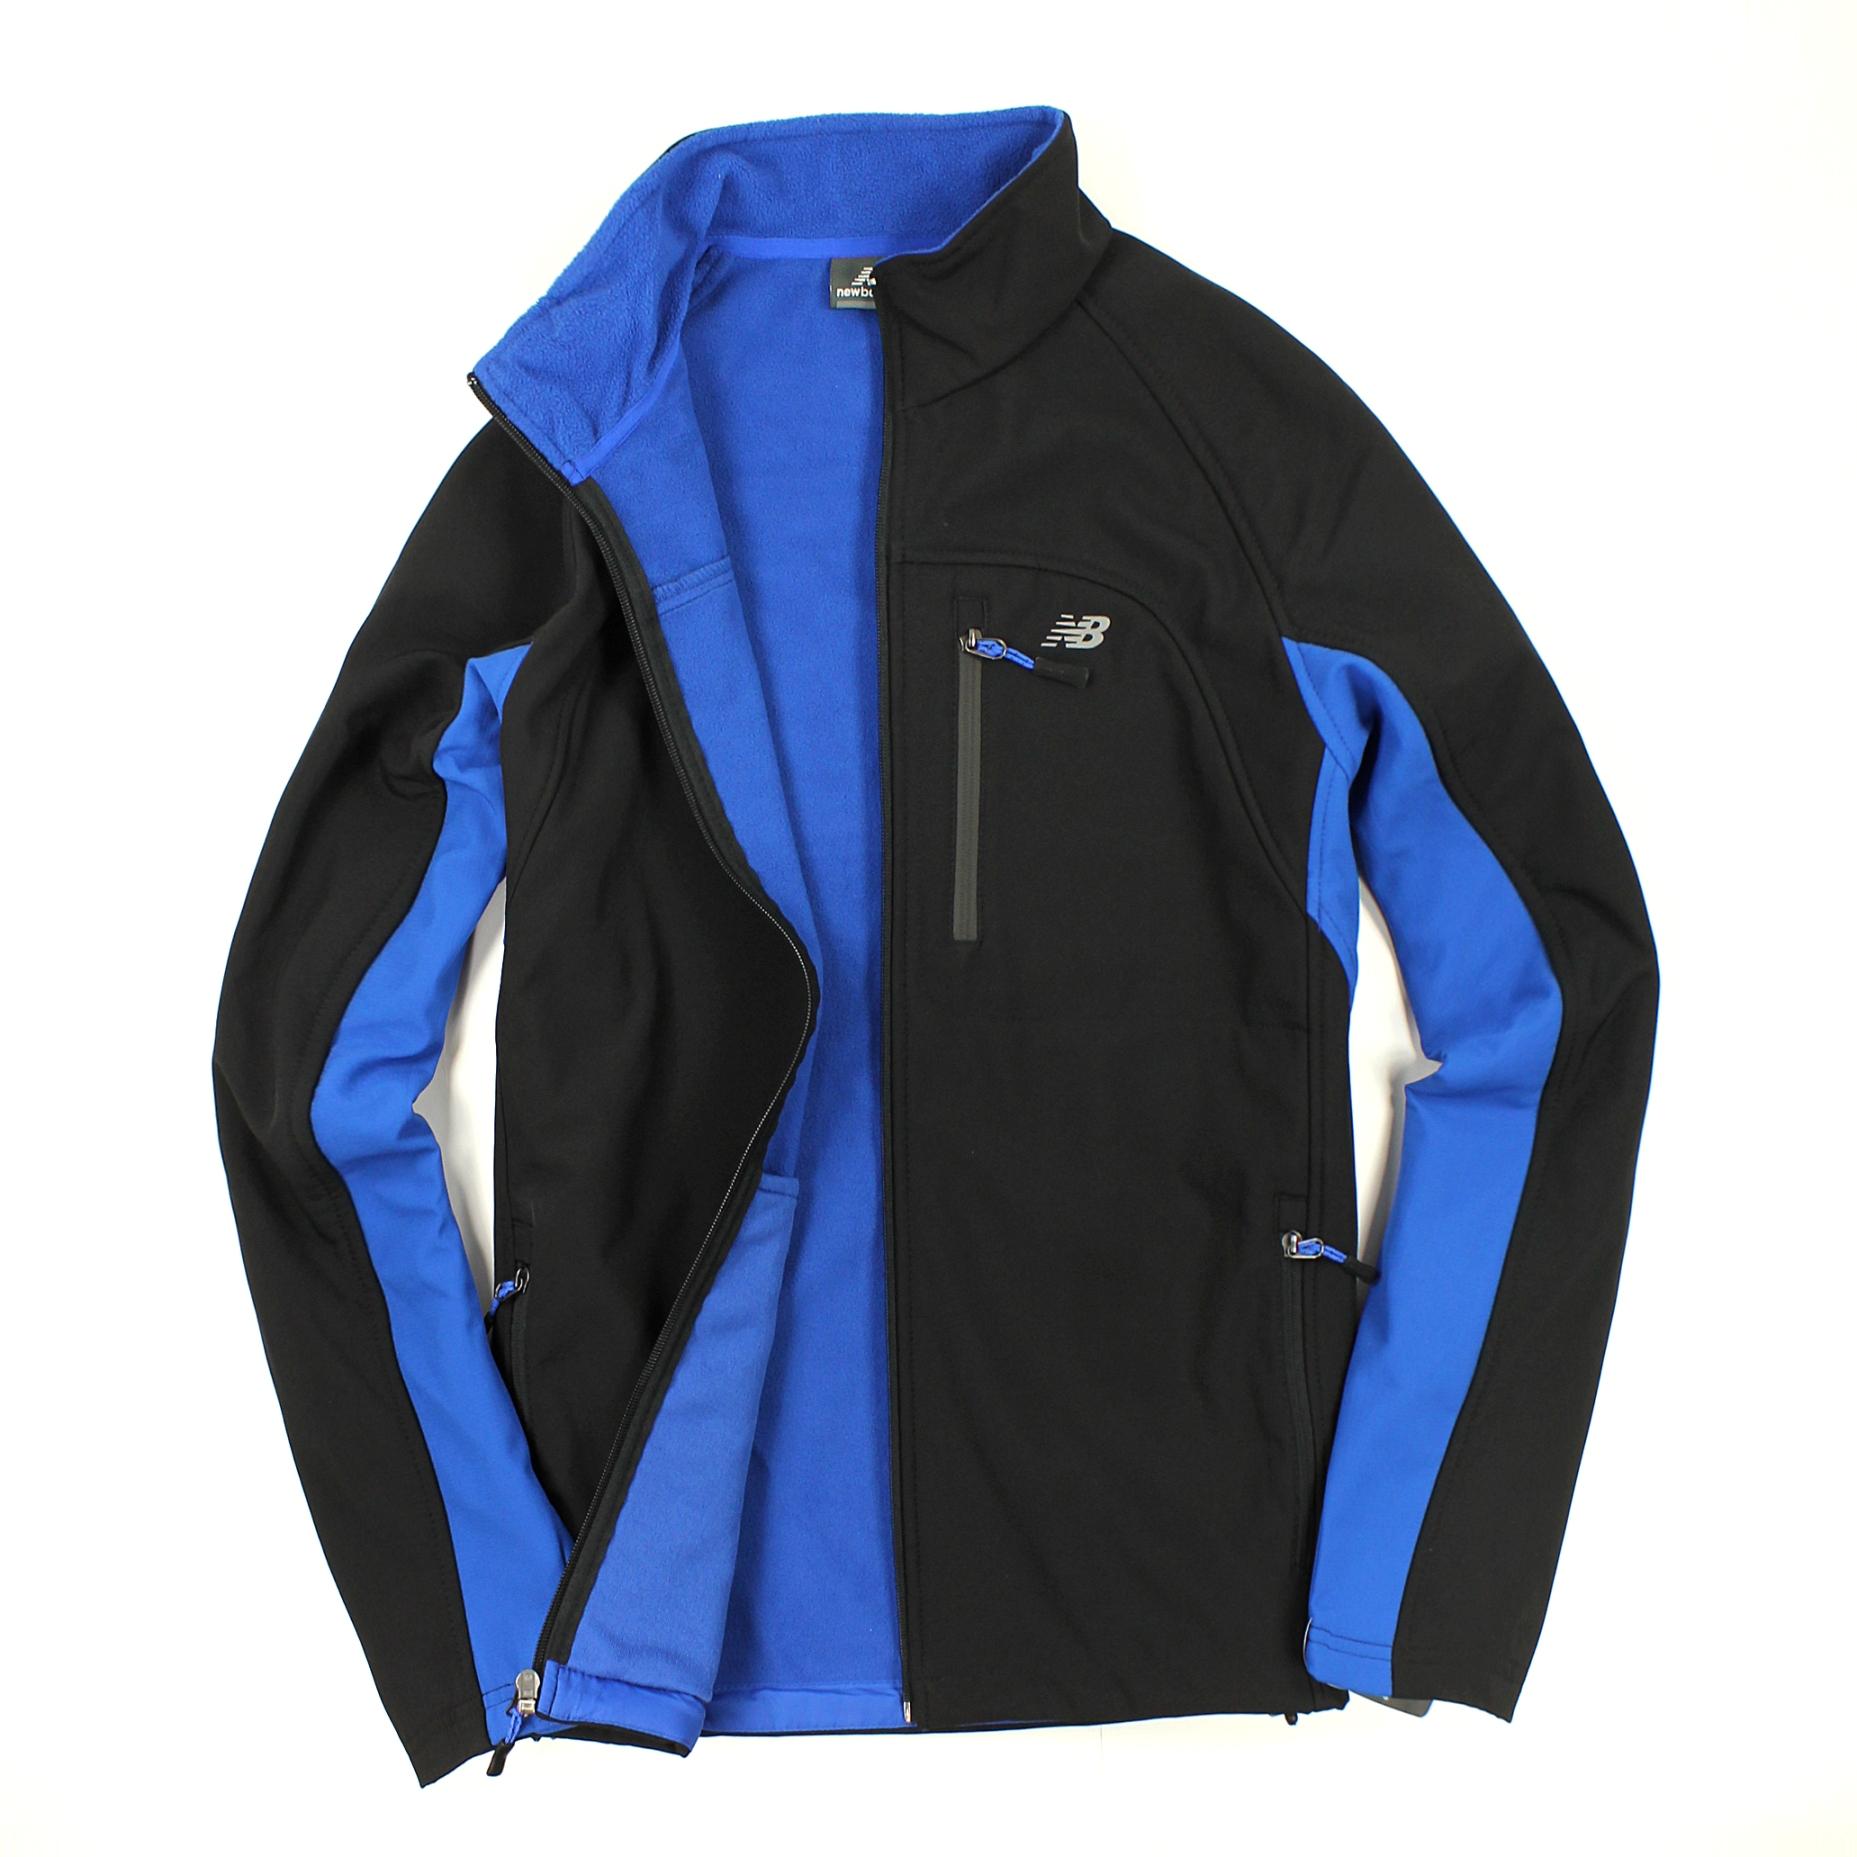 美國百分百【全新真品】New Balance 外套 NB 軟殼 夾克 黑藍 防風 防水 保暖 立領 男 S M B573